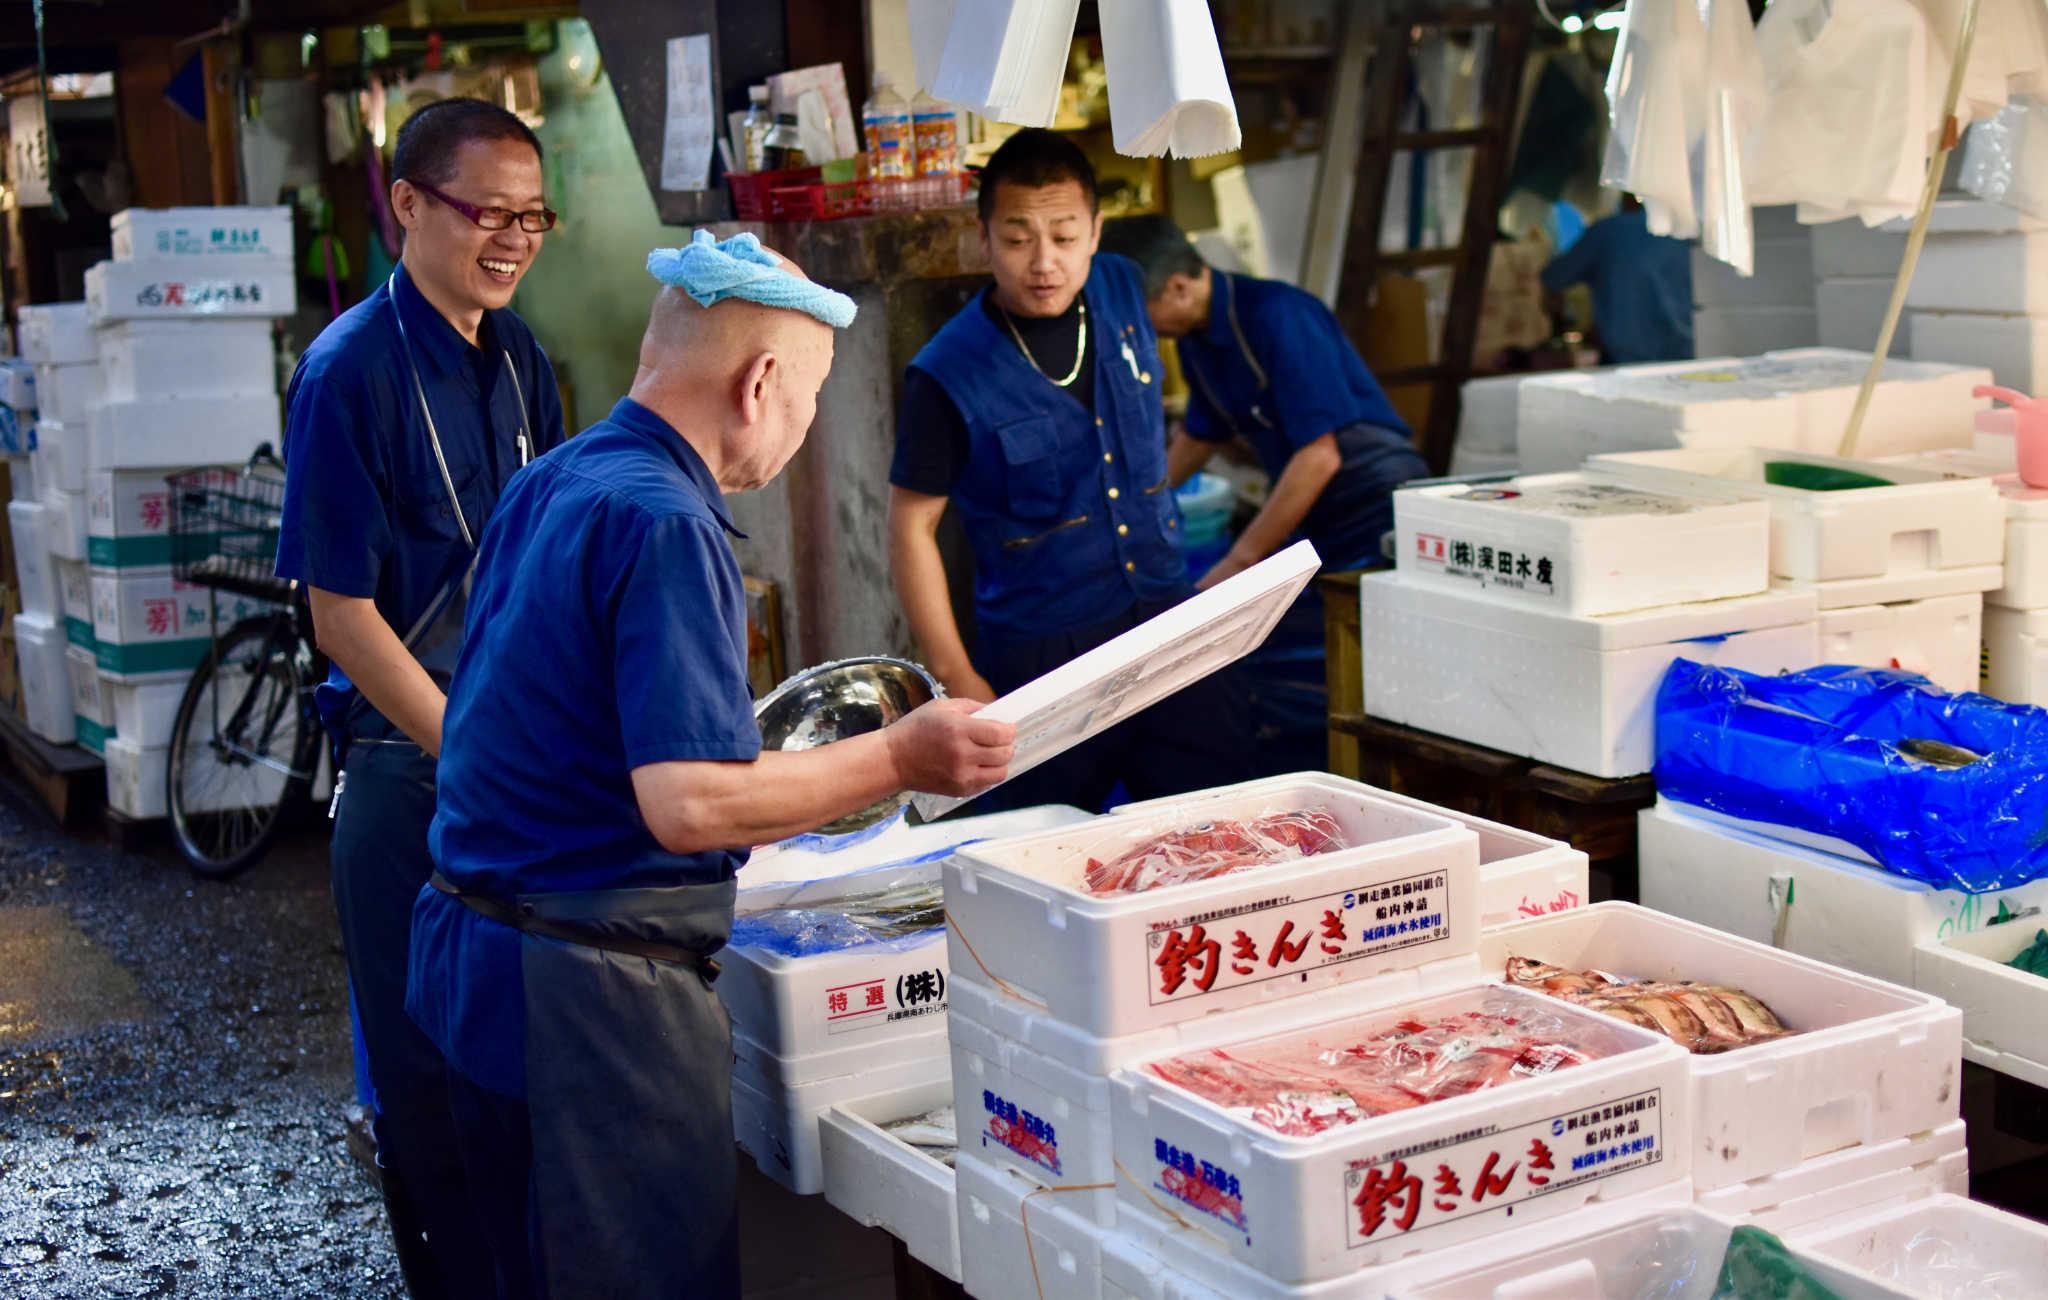 Des caisses remplies de poissons pour le conserver au frais